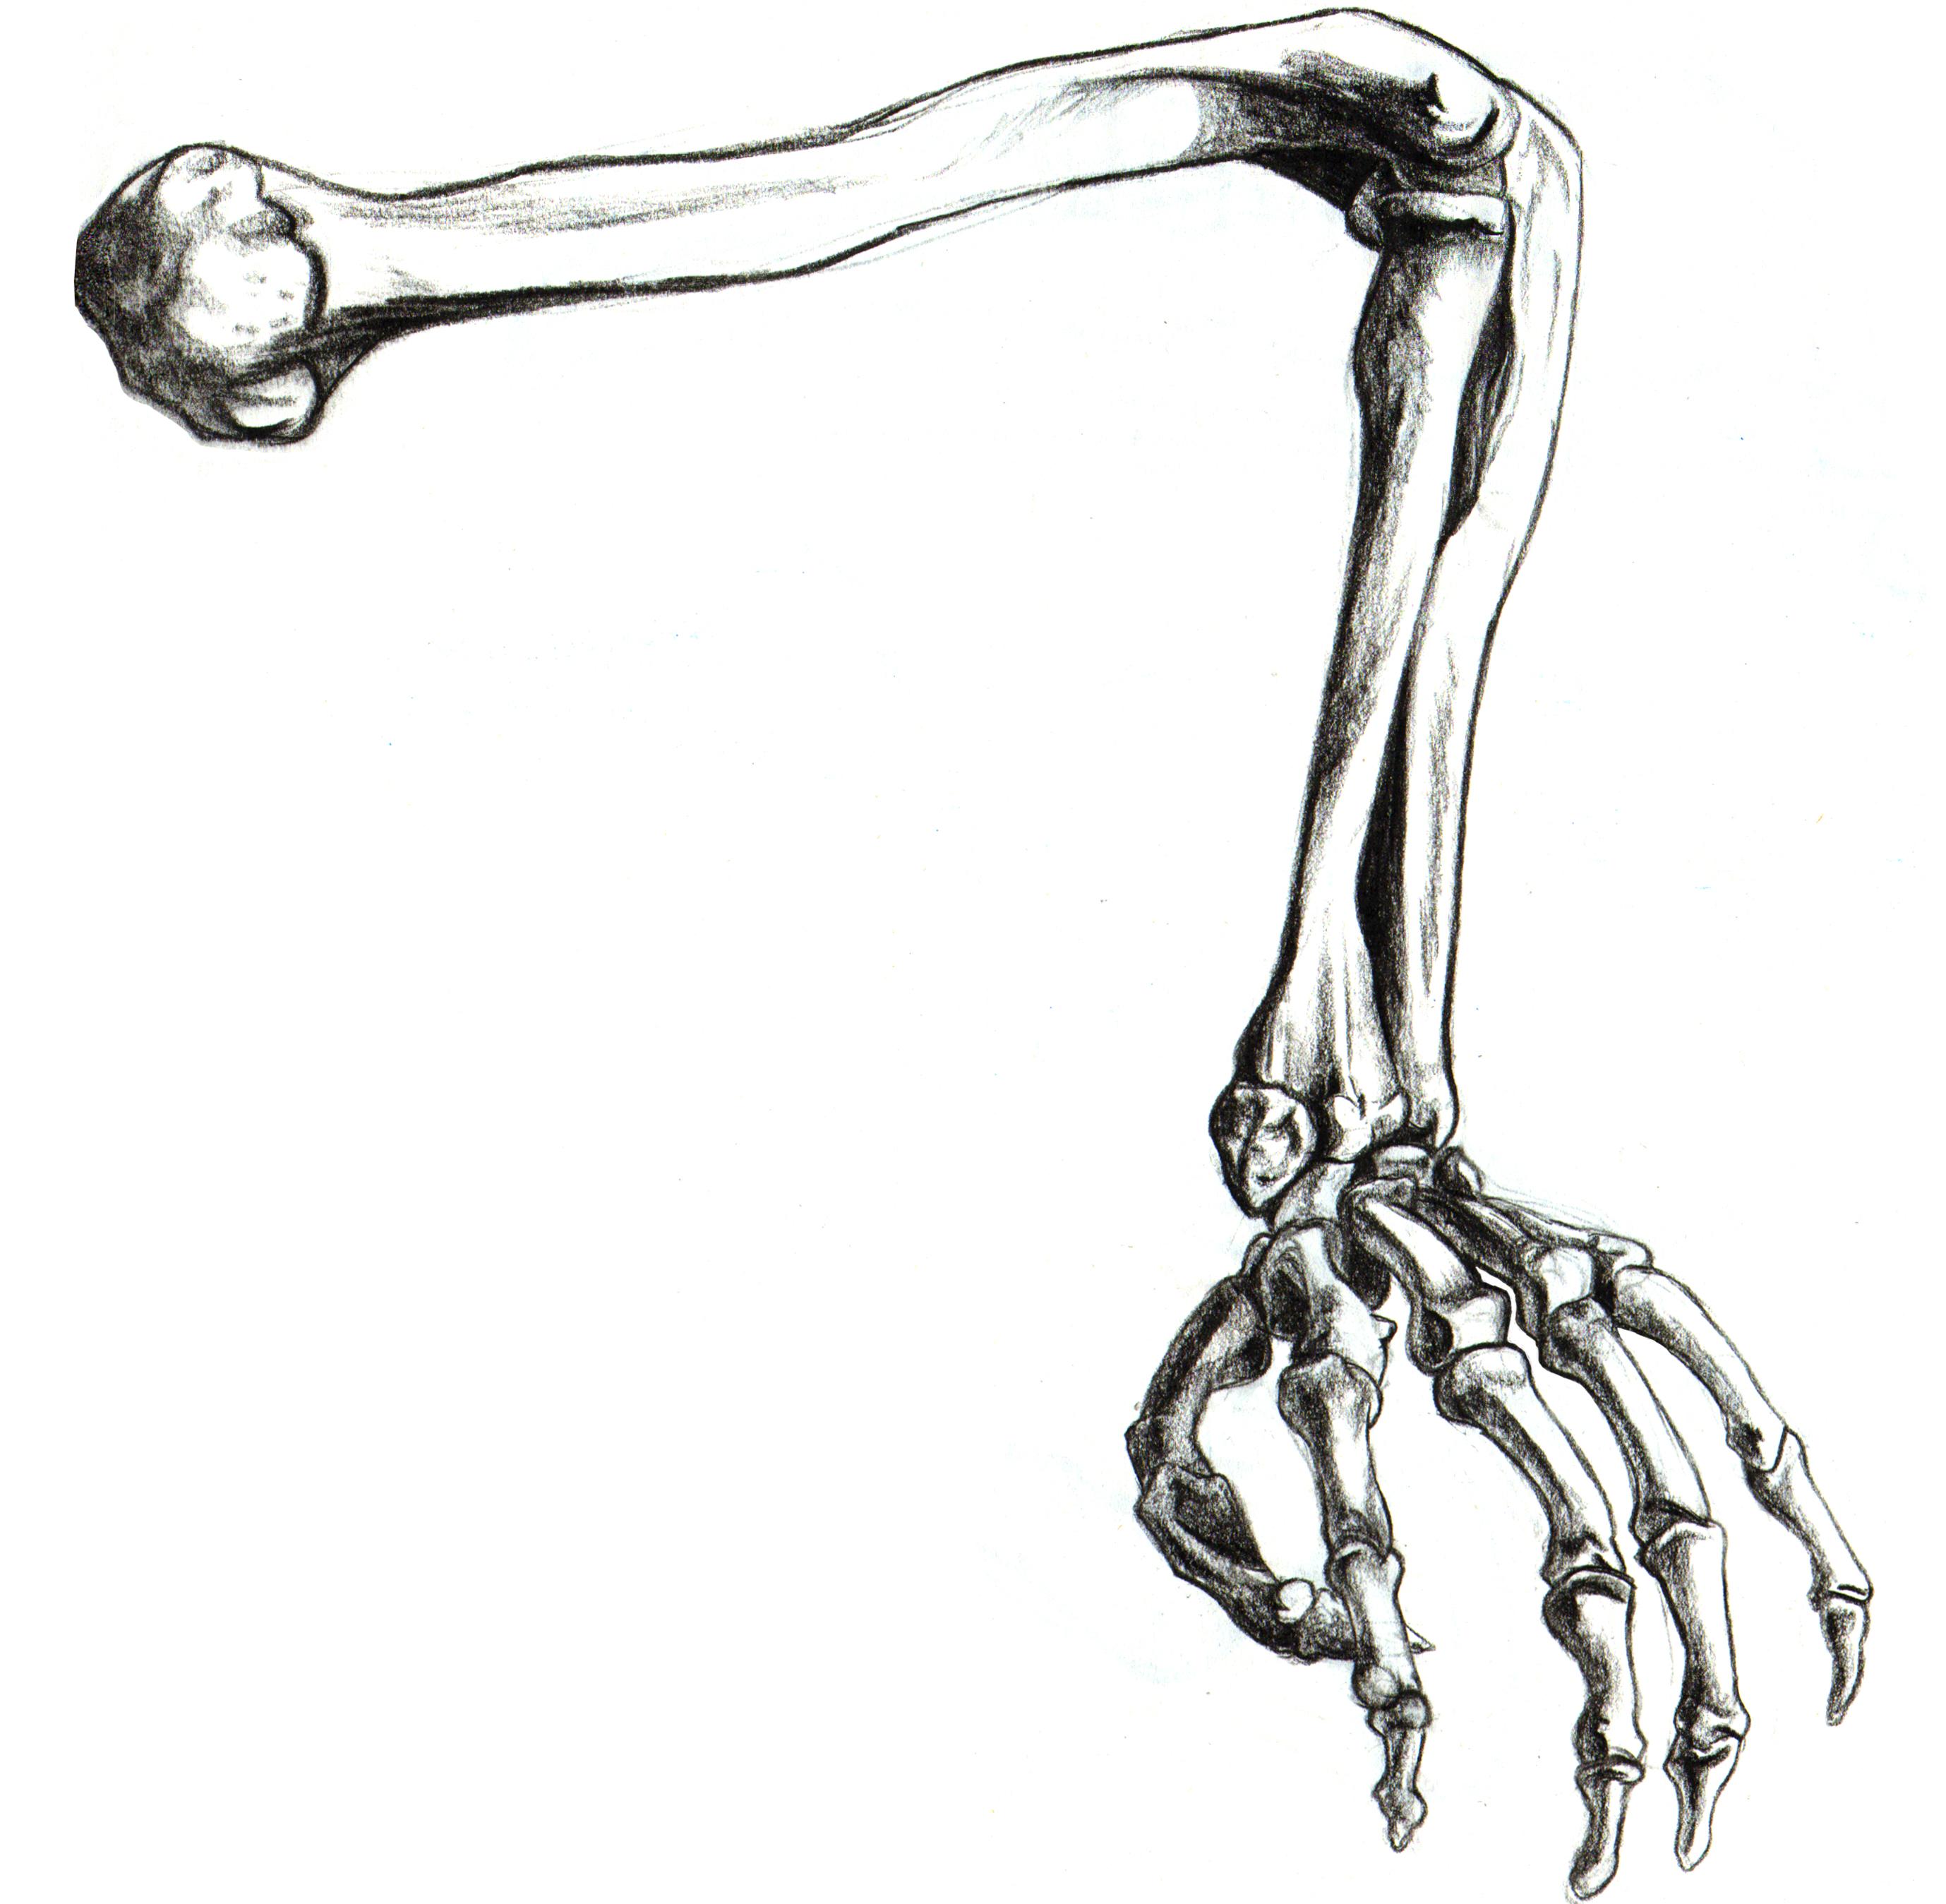 2757x2697 Drawn Skeleton Arm